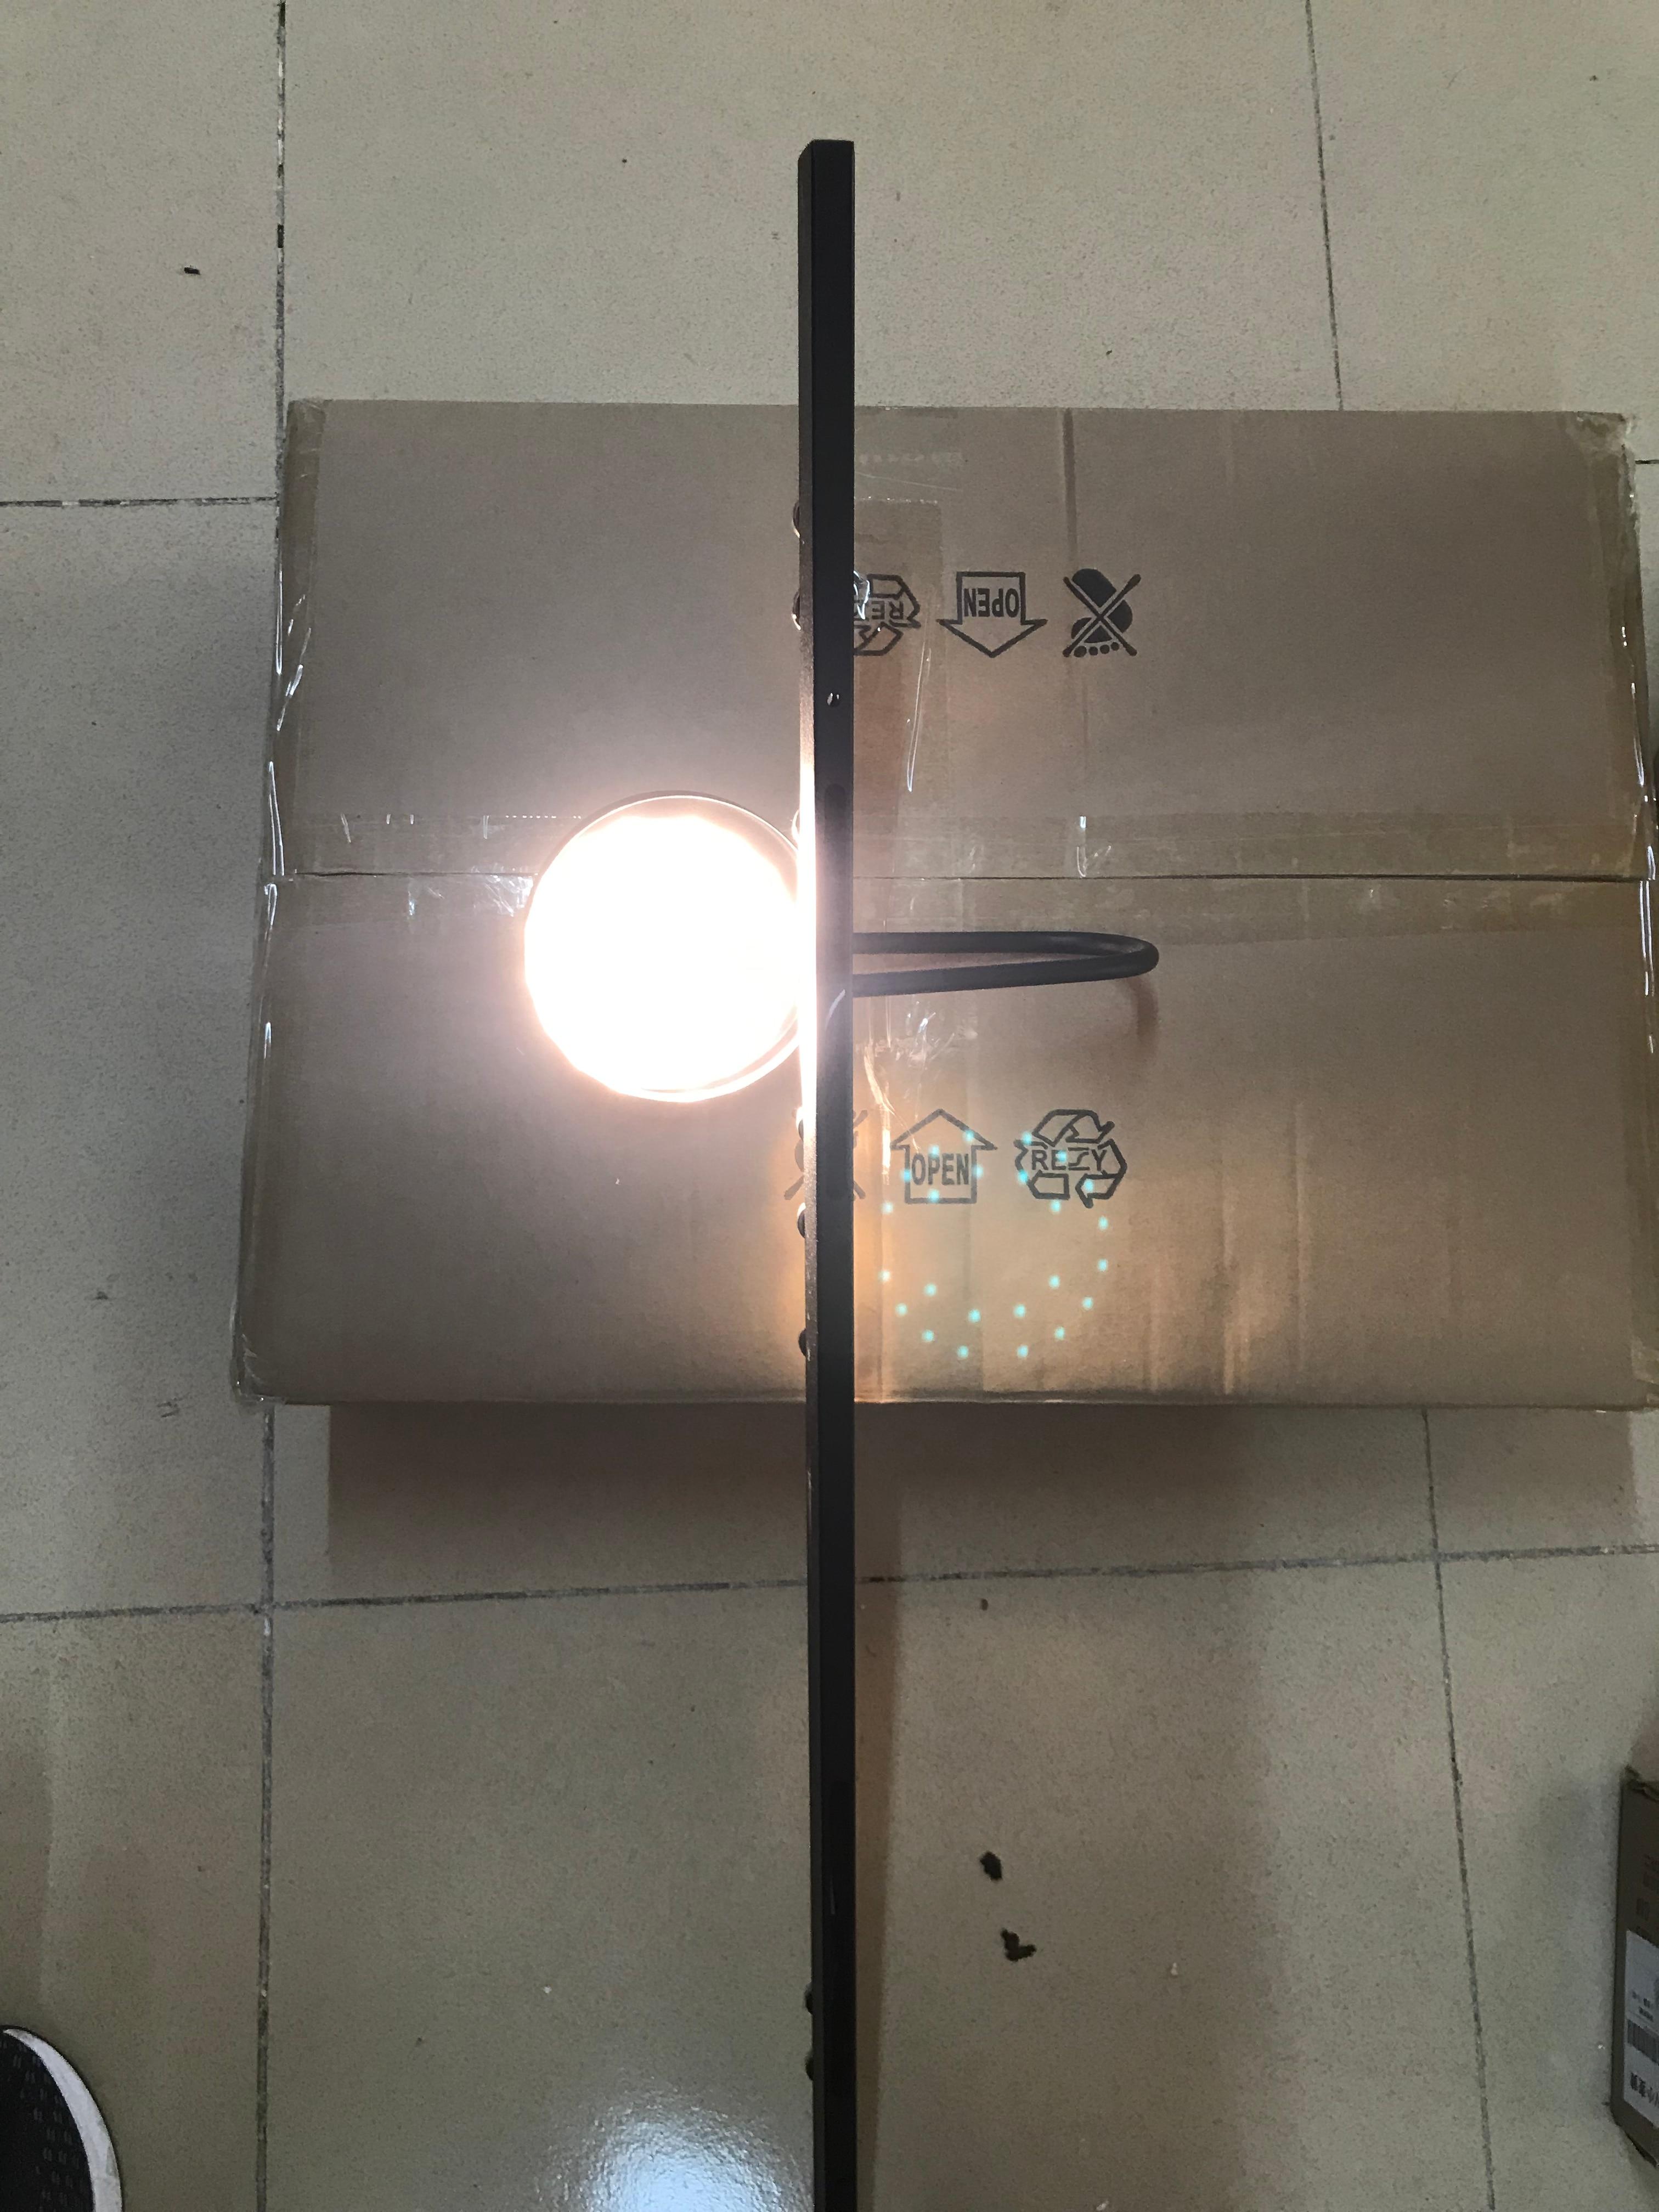 Креативный красочный прикроватный светодиодный настенный светильник для гостиной, настенный светильник для столовой, бра, арт деко, разъем 220 В, магнитная пластина, свободно регулируется - 6